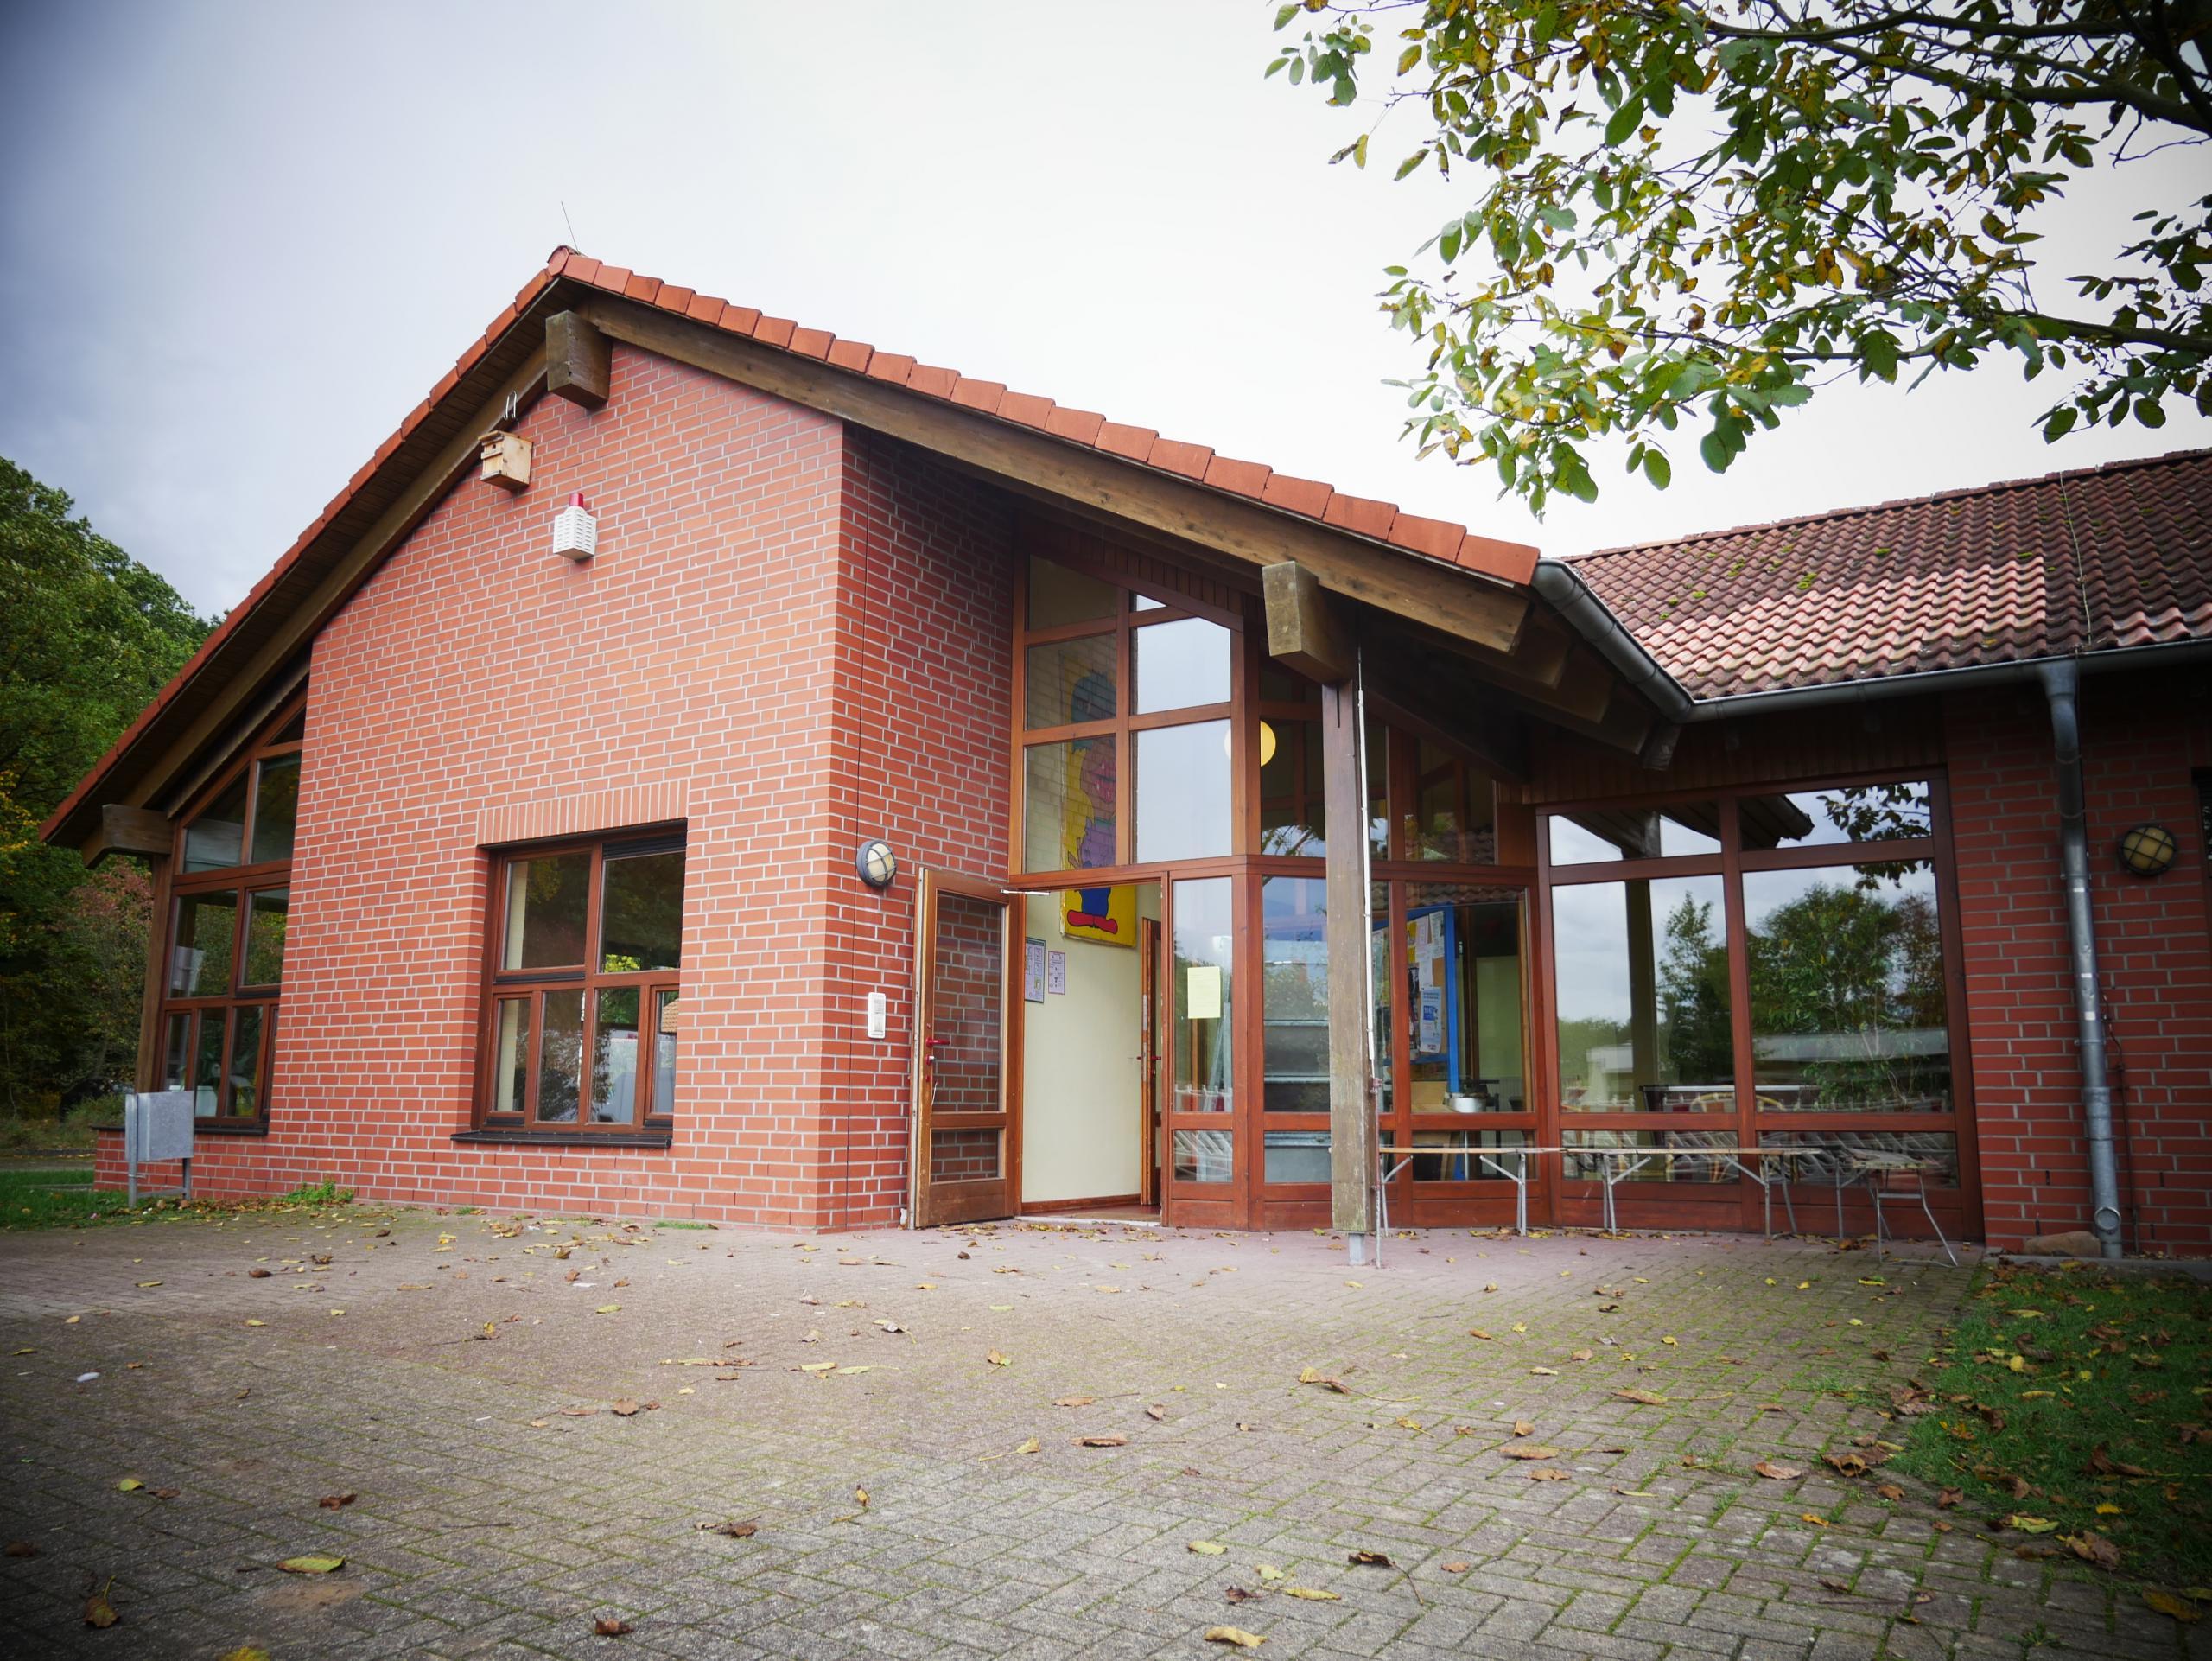 Hwd Gebäude ©Stadt Lehrte